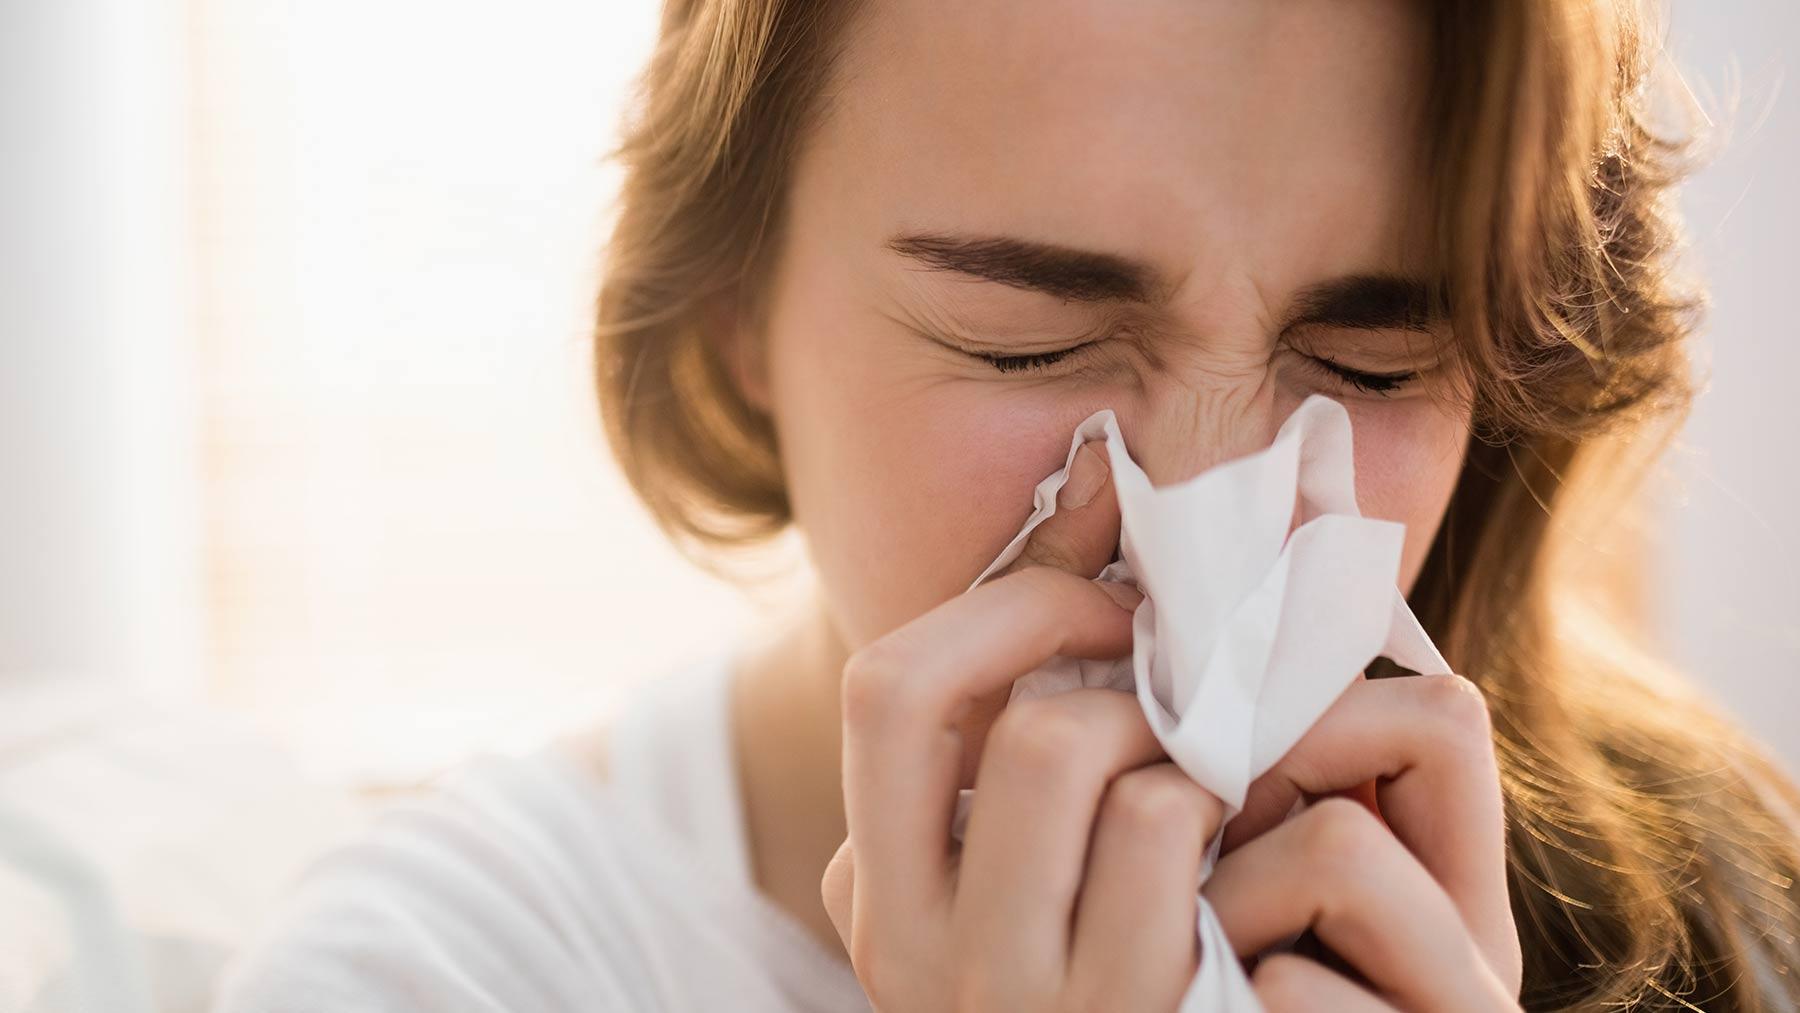 Como parar de tossir - dicas e remédios caseiros para a tosse